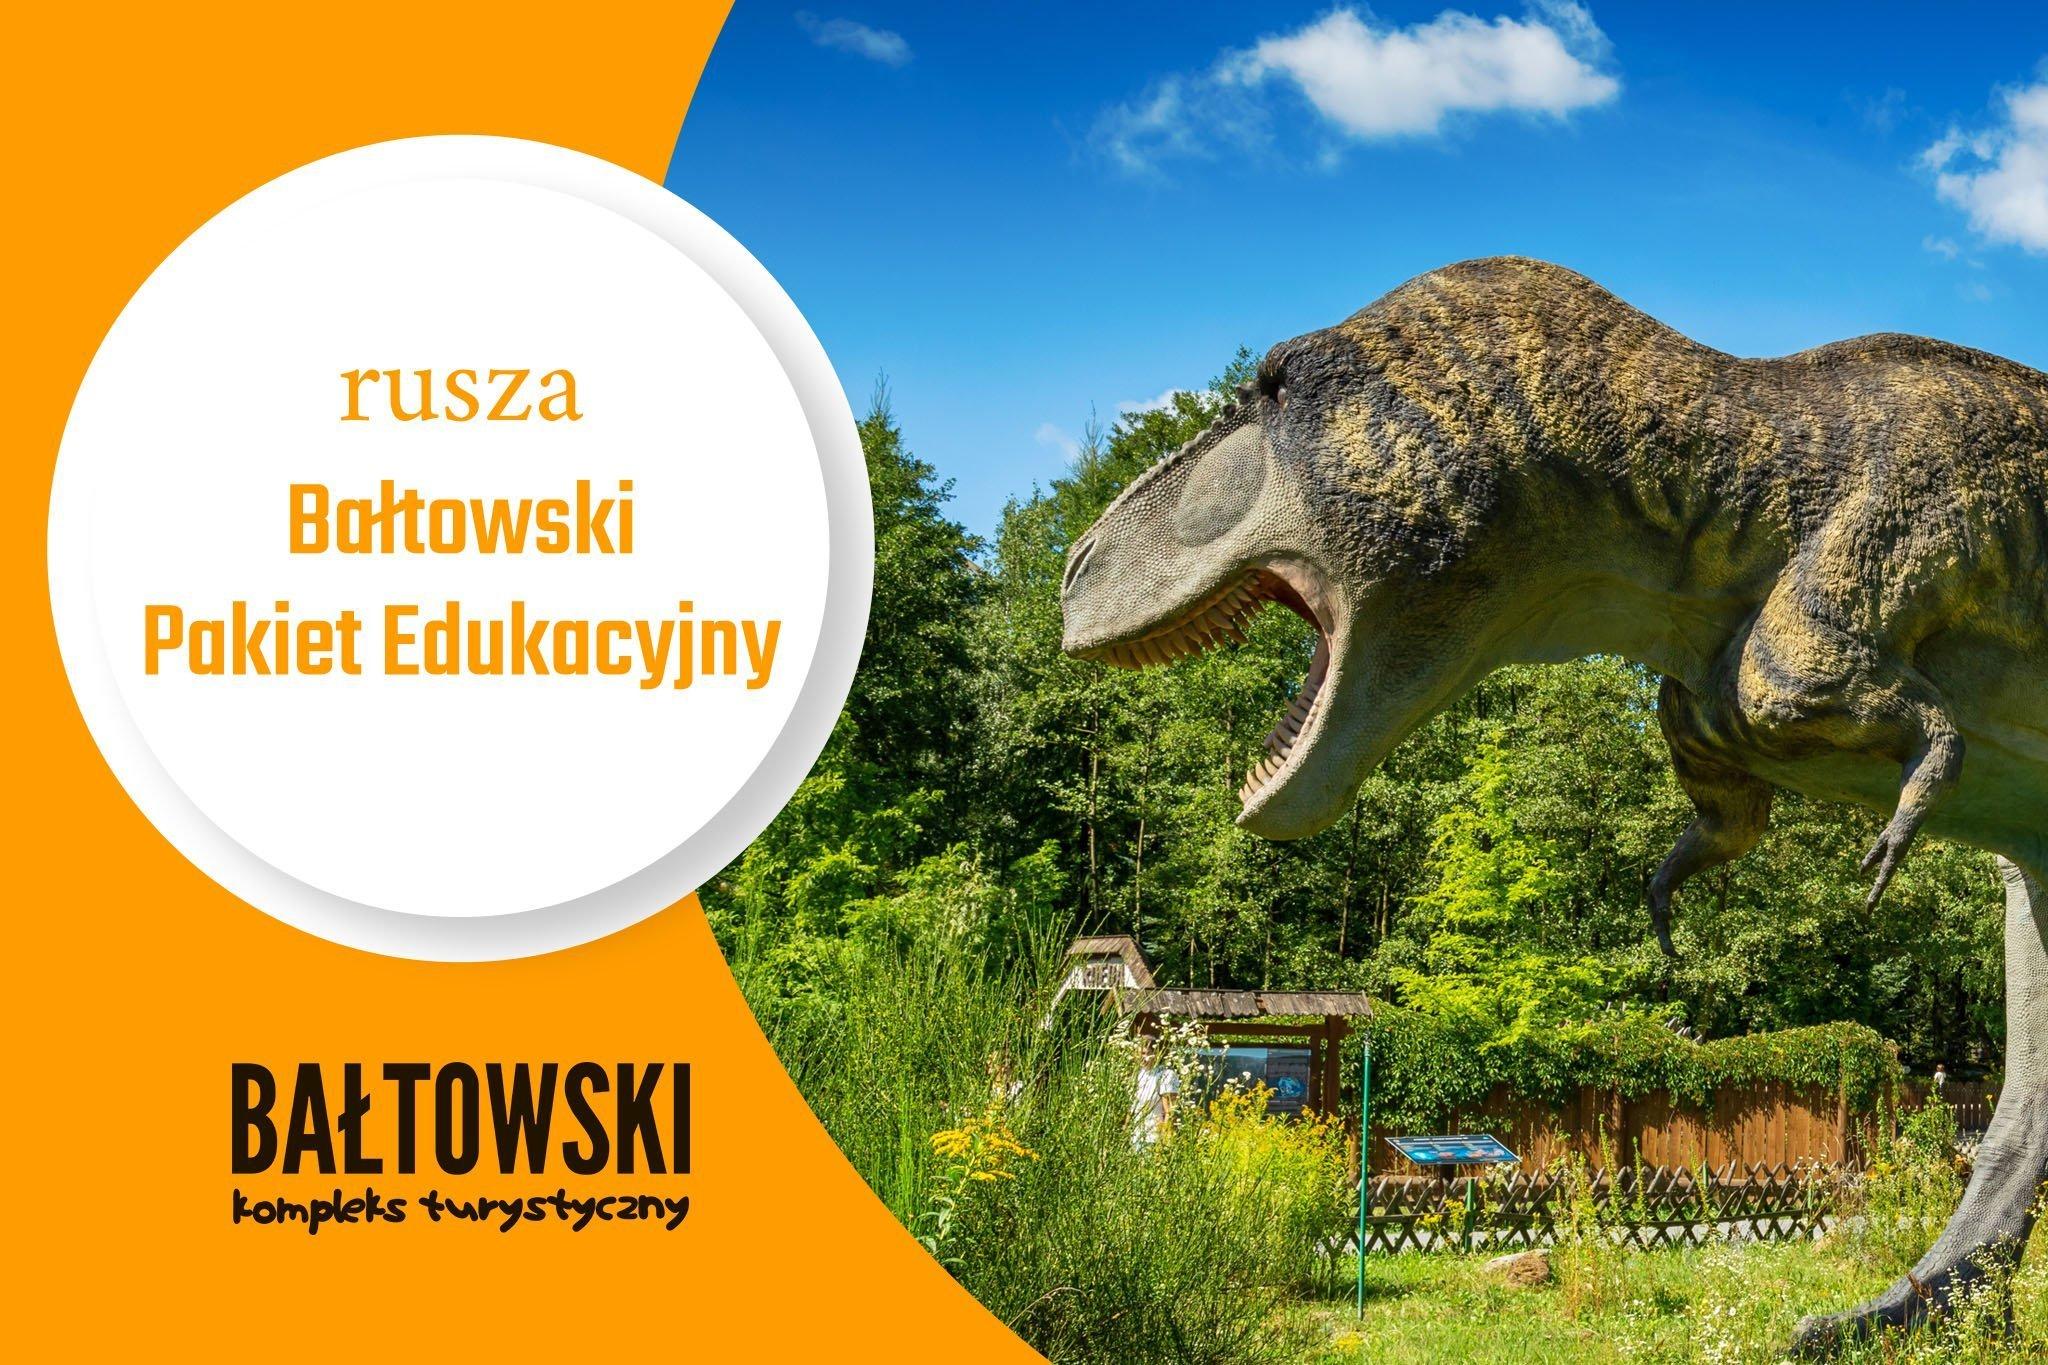 Bałtowski Pakiet Edukacyjny